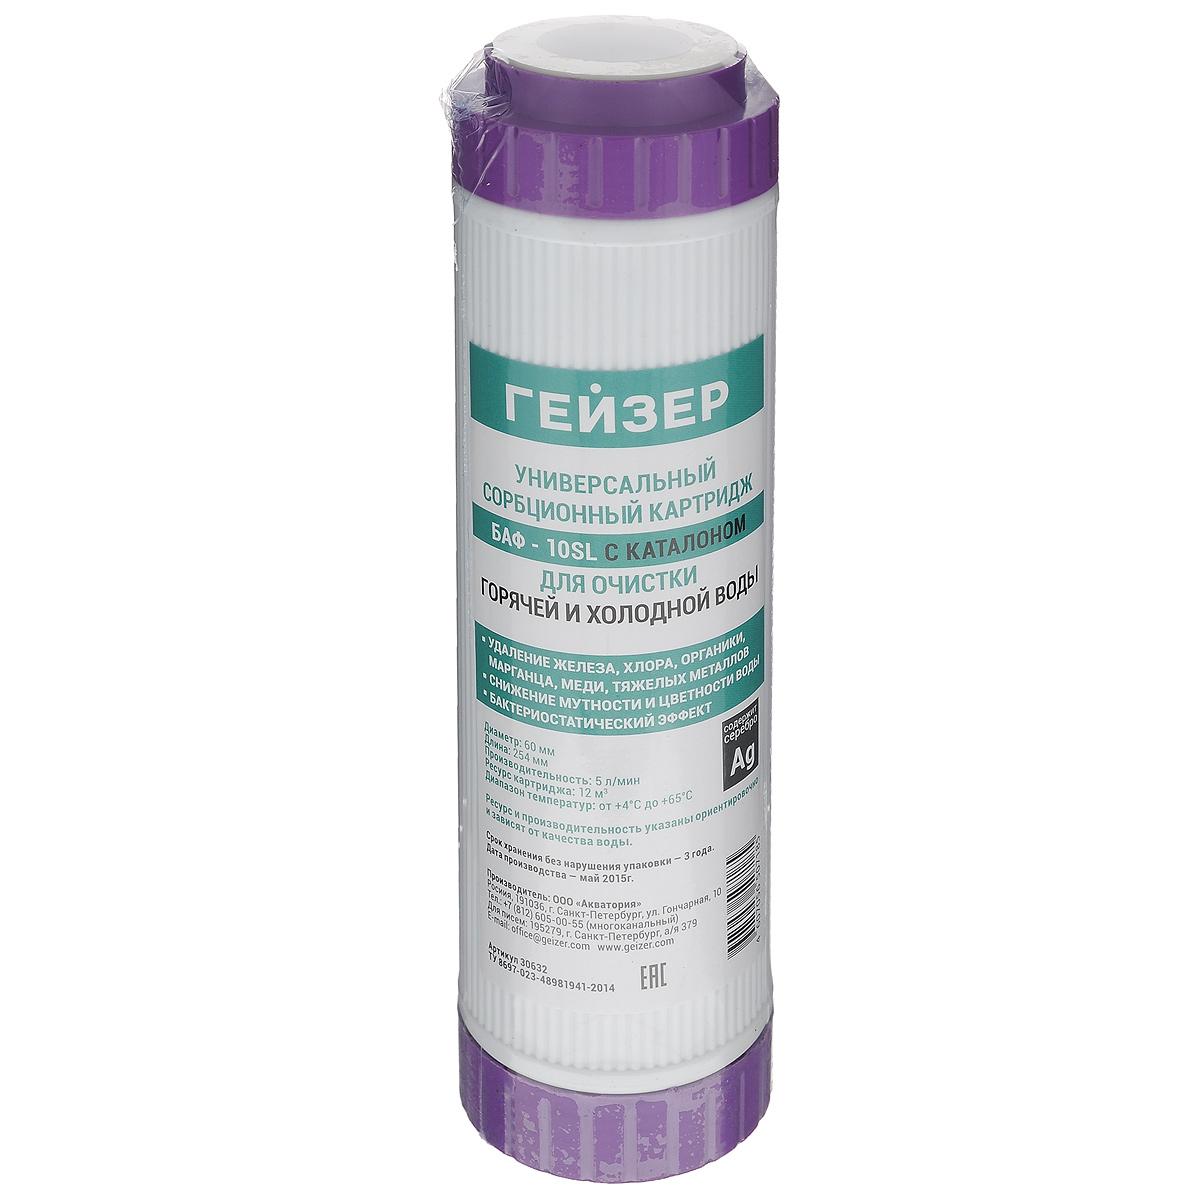 Картридж универсальный Гейзер БАФ 10 SL30632Картридж Гейзер БАФ 10SL.Предназначен для очистки питьевой воды и может быть использован как одноступенчатый фильтр, так и в составе тройки на 2-ой и 3 –й ступени. Эффективноудаляет:твердые частицы, хлор, хлорорганические соединения, бензол, фенол, органические соединения, нефтепродукты, пестициды, железо, медь, марганец, ртуть, ионы тяжелых металлов, мутность, цветность, неприятные привкусы и запахи, бактерии и вирусы определенного ряда и др.Основное предназначение очистка воды от остаточного хлора, органических соединений ижелеза при содержании до 2 мг/л.Универсальный картридж – сохраняет эффективность при среднесуточном потреблении воды 7л на протяжении 300 днейи имеетресурс эксплуатациибез забивания -12 000 л.Диаметр картриджа: 6 см. Длина: 25,4 см. Диапазон температур: от +4°С до 40°С.